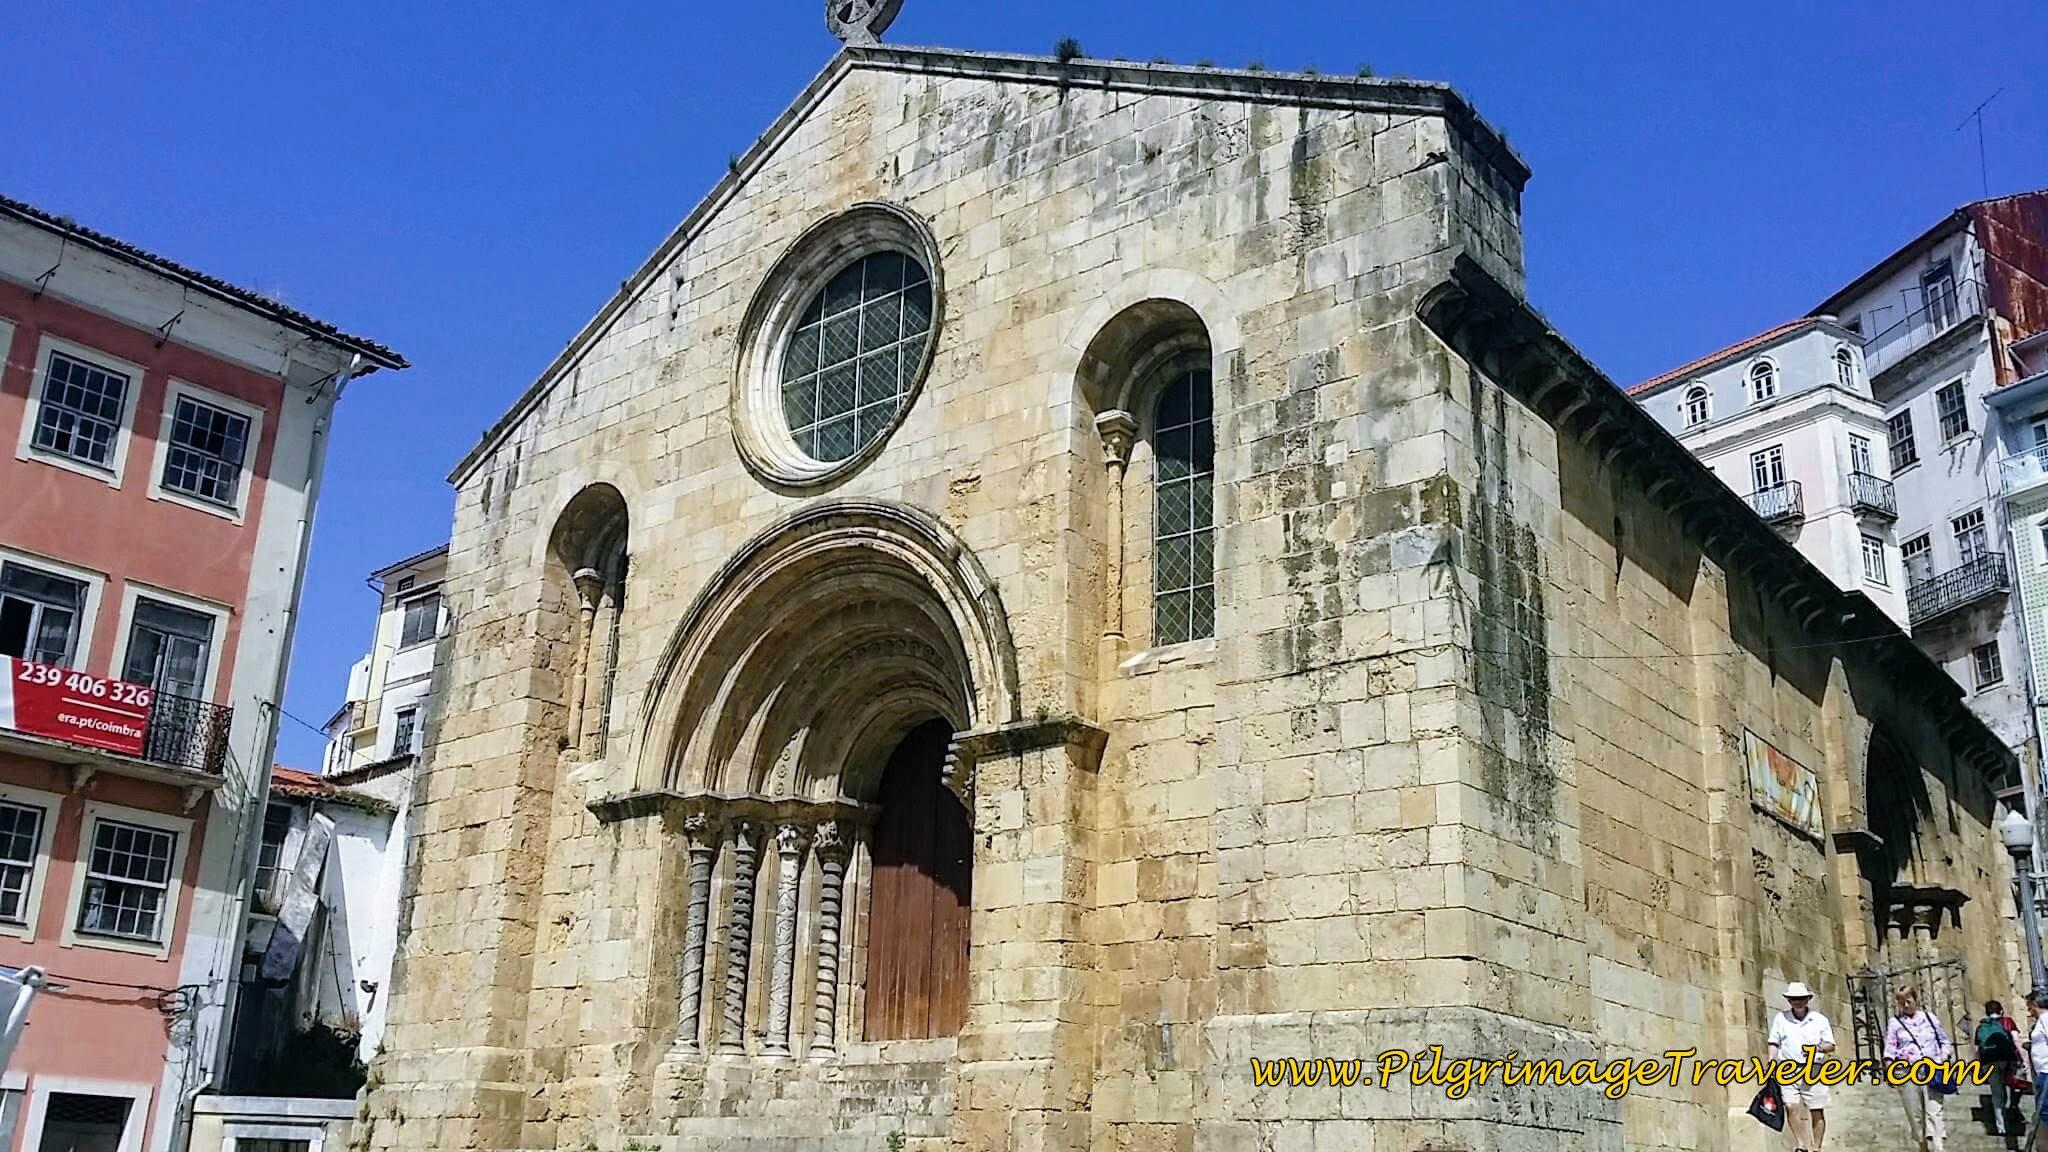 Igreja de São Tiago, Church of Santiago, Coimbra, Portugal